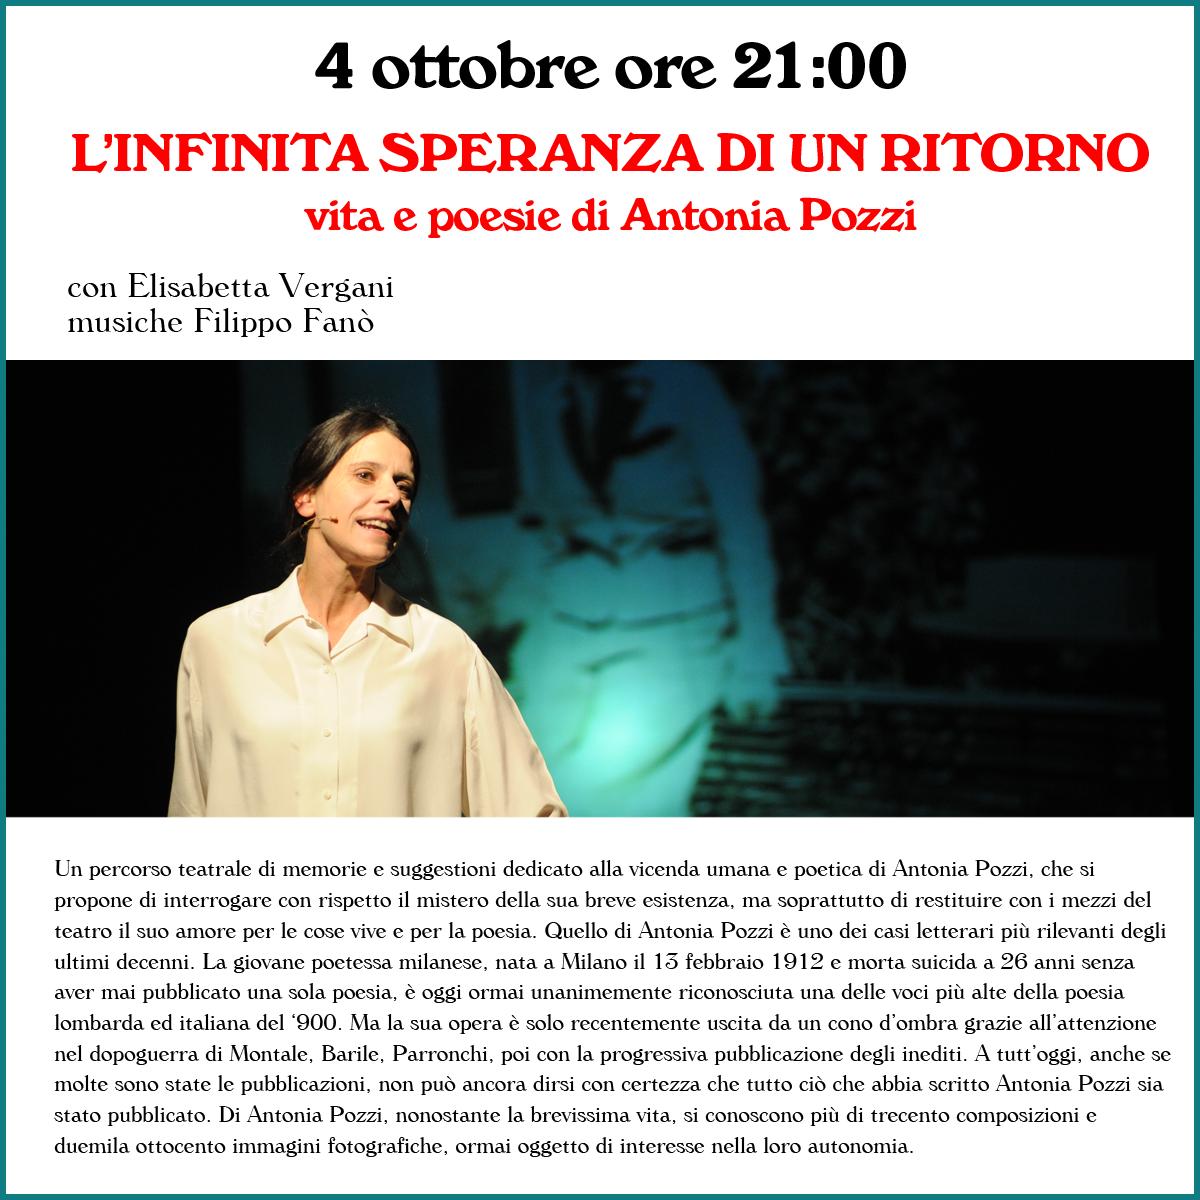 4 ottobre pre 21:00 - L'INFINITA SPERANZA DI UN RITORNO